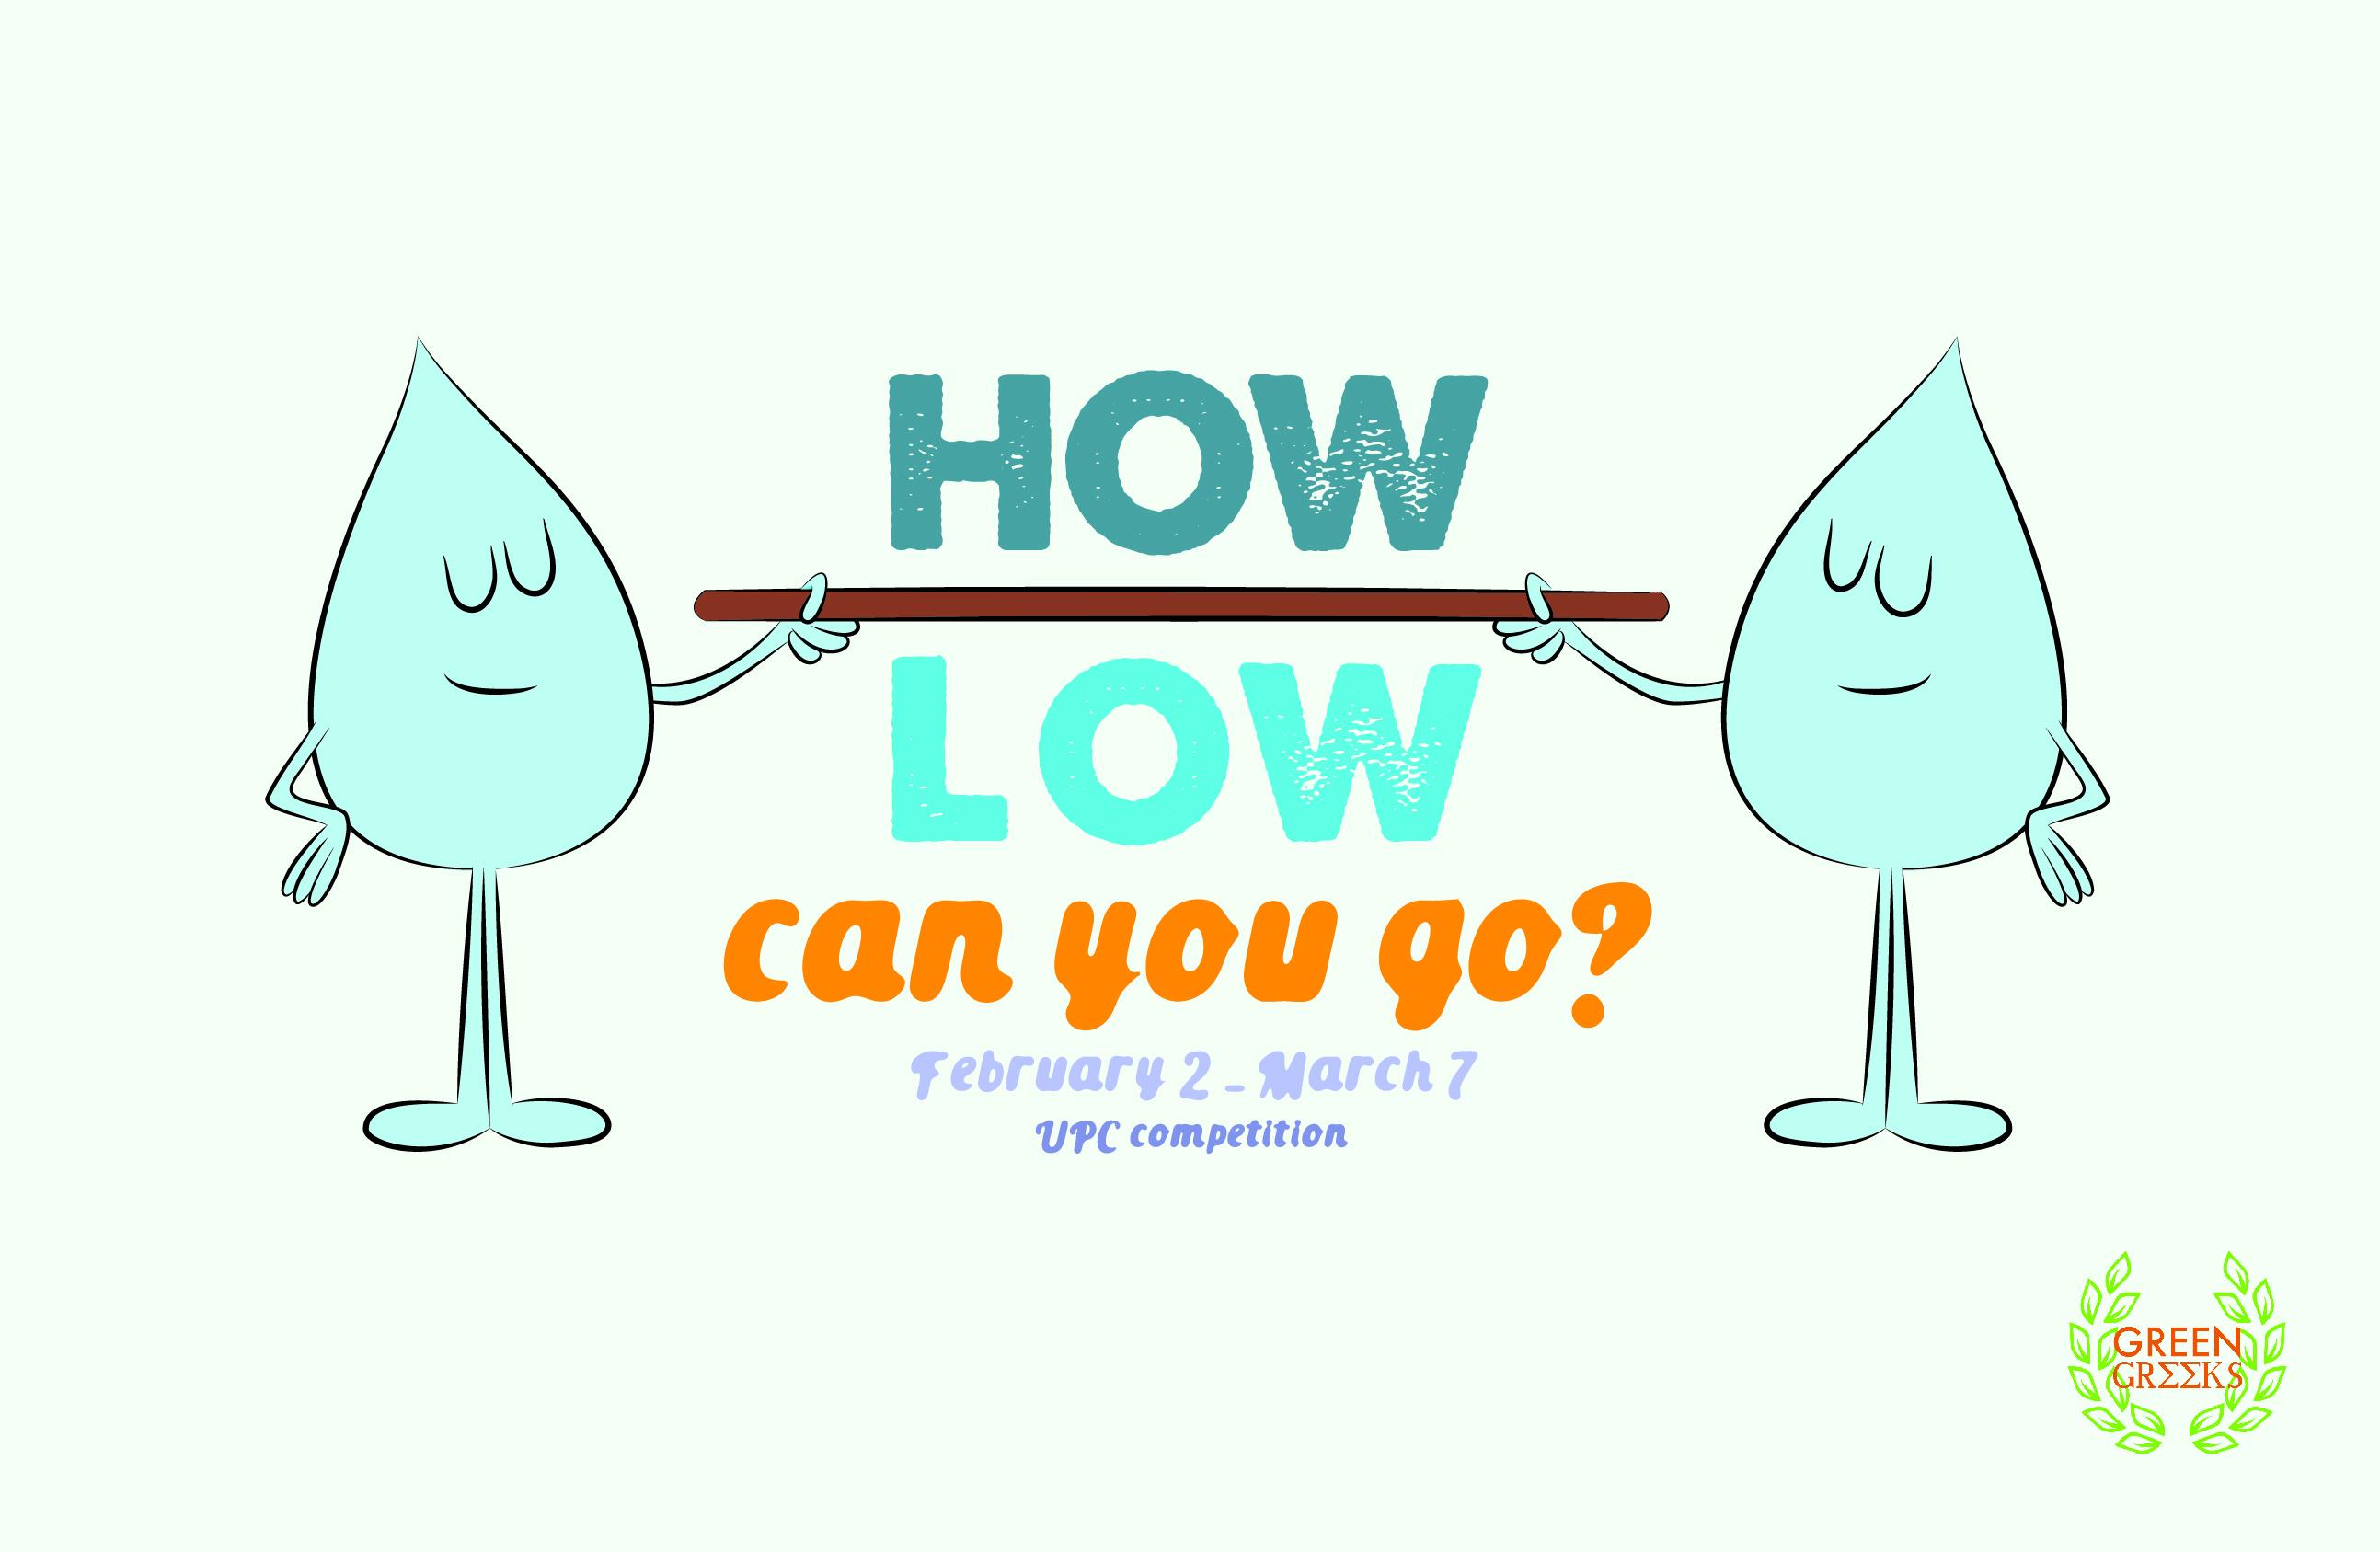 HowLow_11x17in-01.jpg